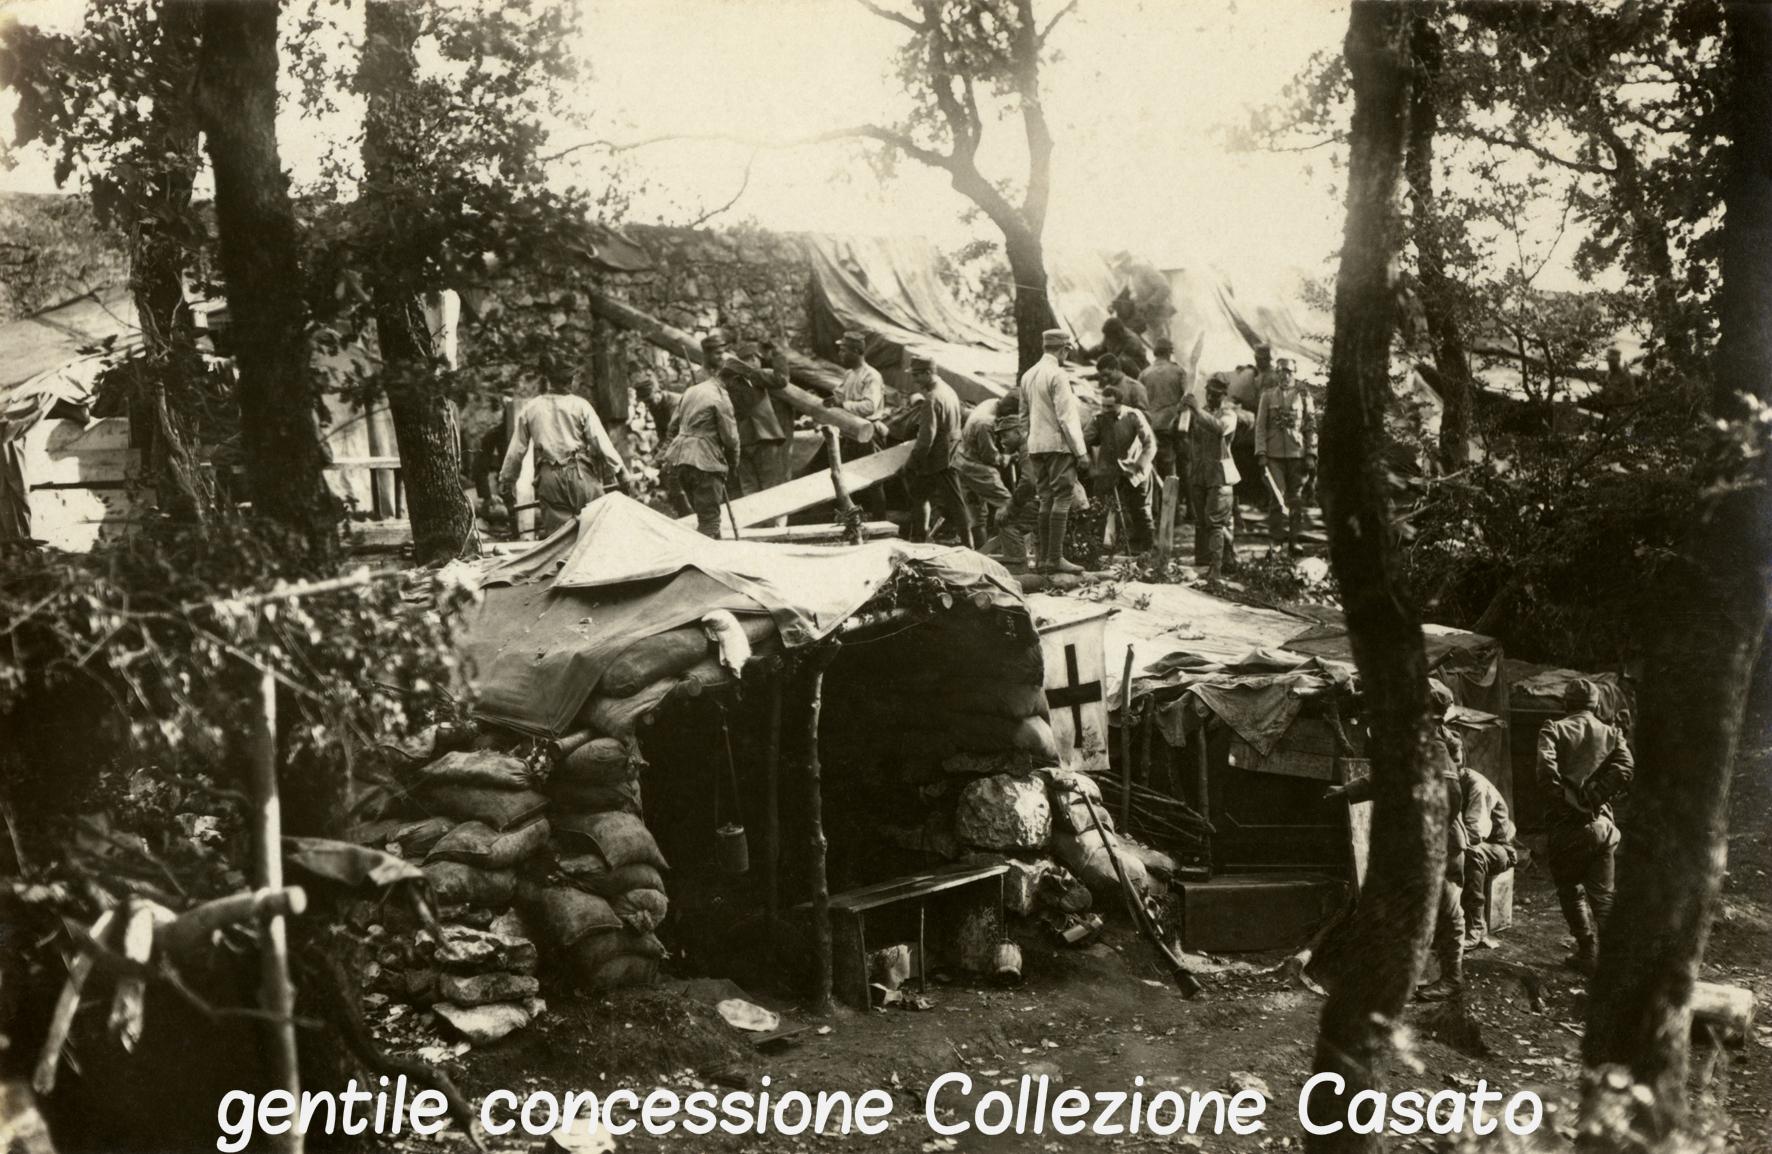 31 - Posto di pronto soccorso vicino alle prime linee (1) CRIPTATA CASATO.jpg